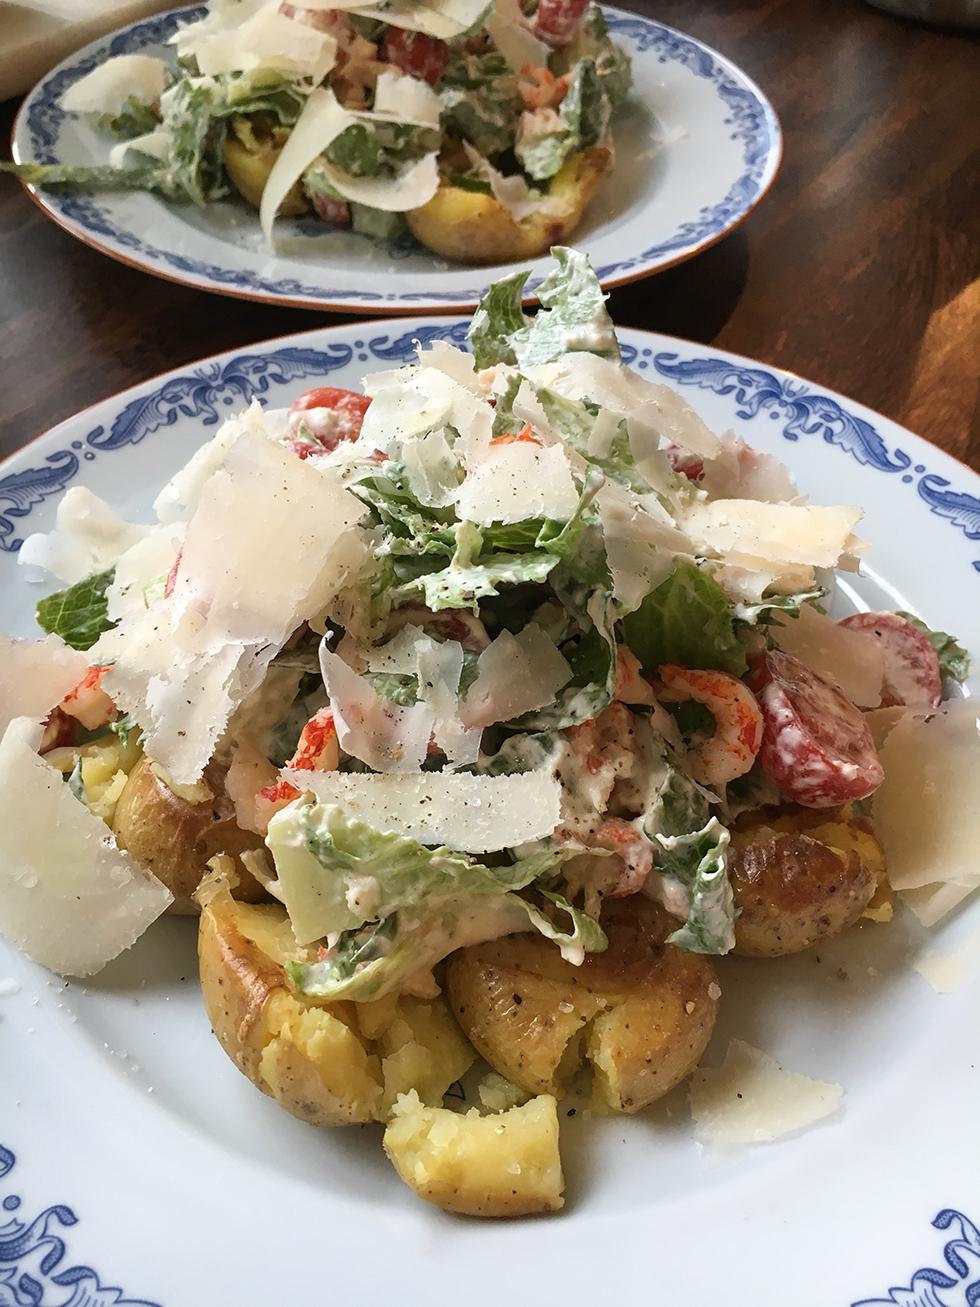 Matig sallad med krossad potatis och parmesandressing